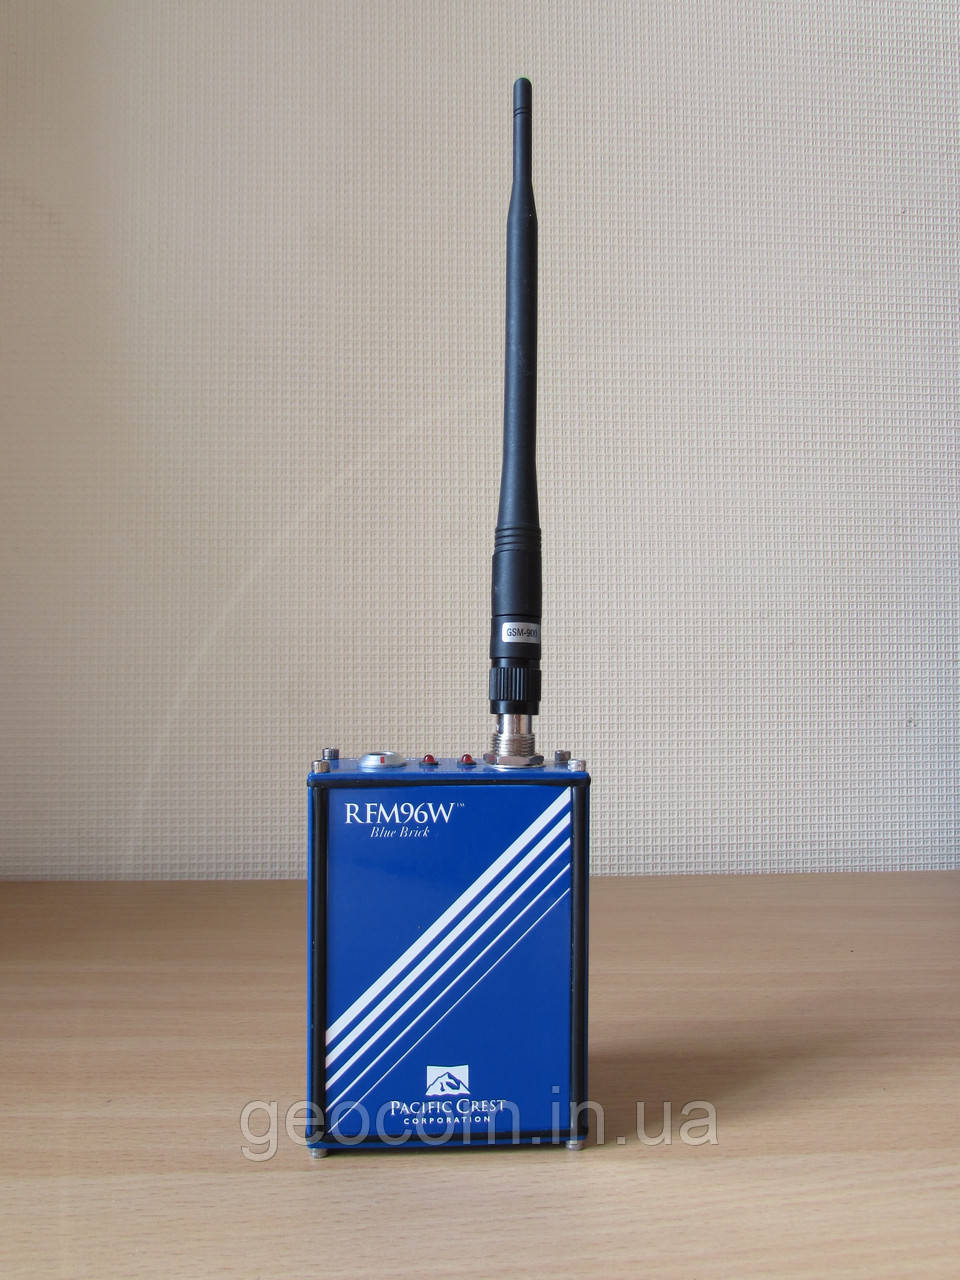 Ретранслятор Pacific Crest RFM96W